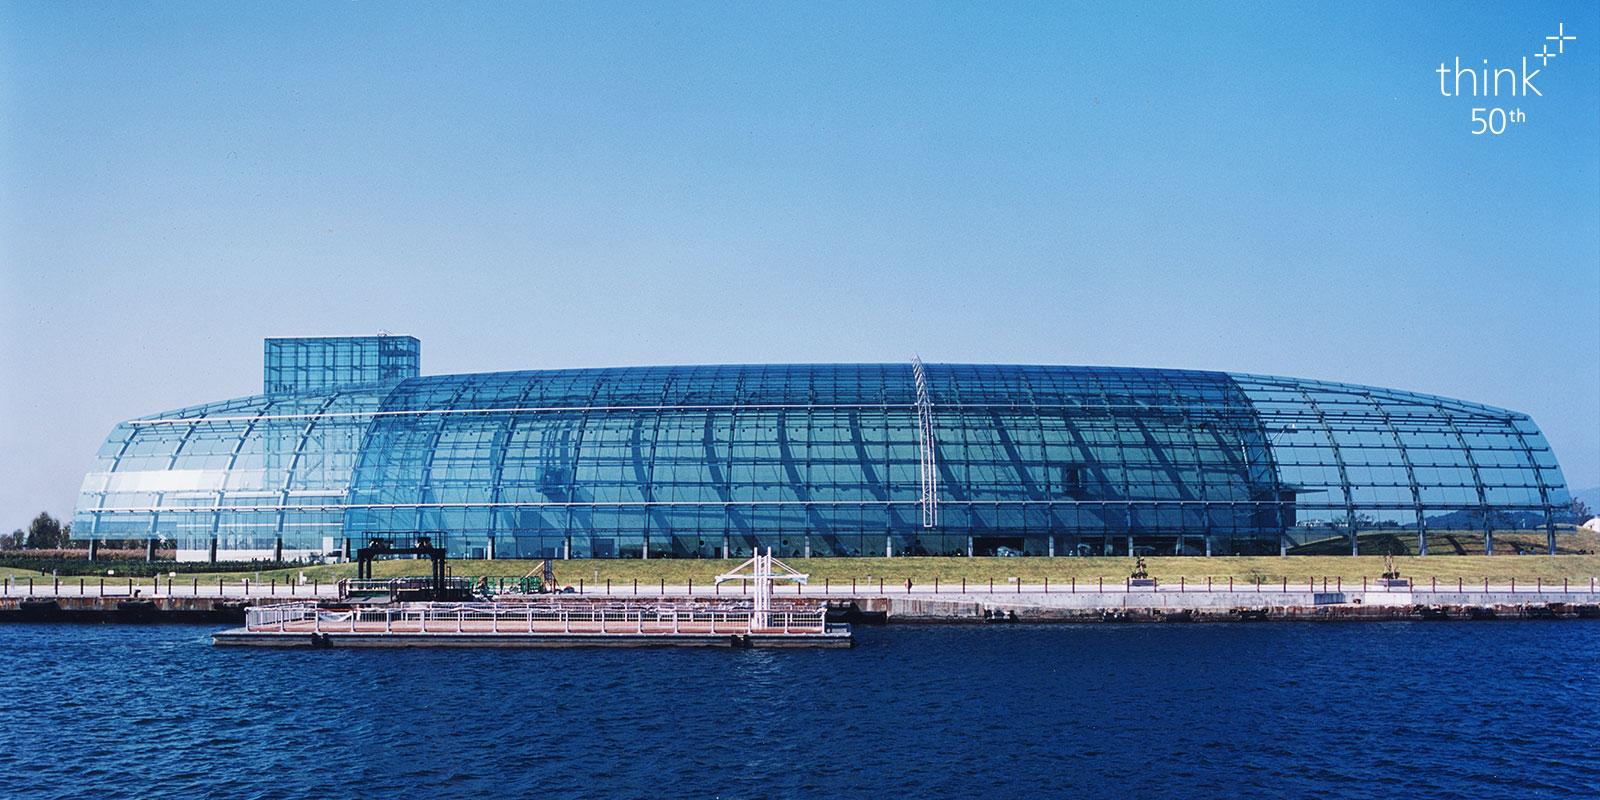 福岛海洋科学馆 2000-